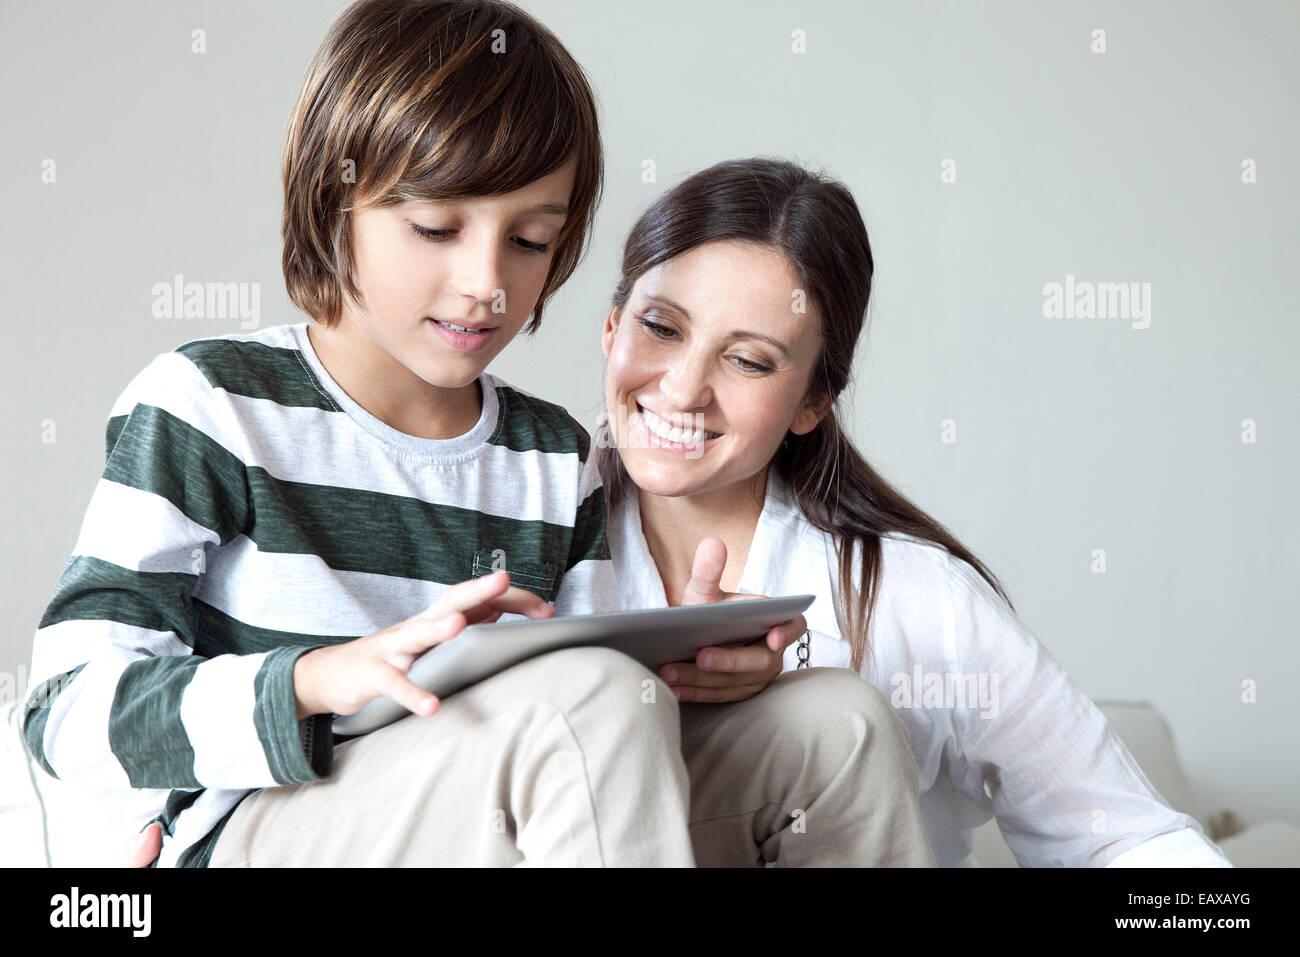 Mère et fils using digital tablet together Photo Stock